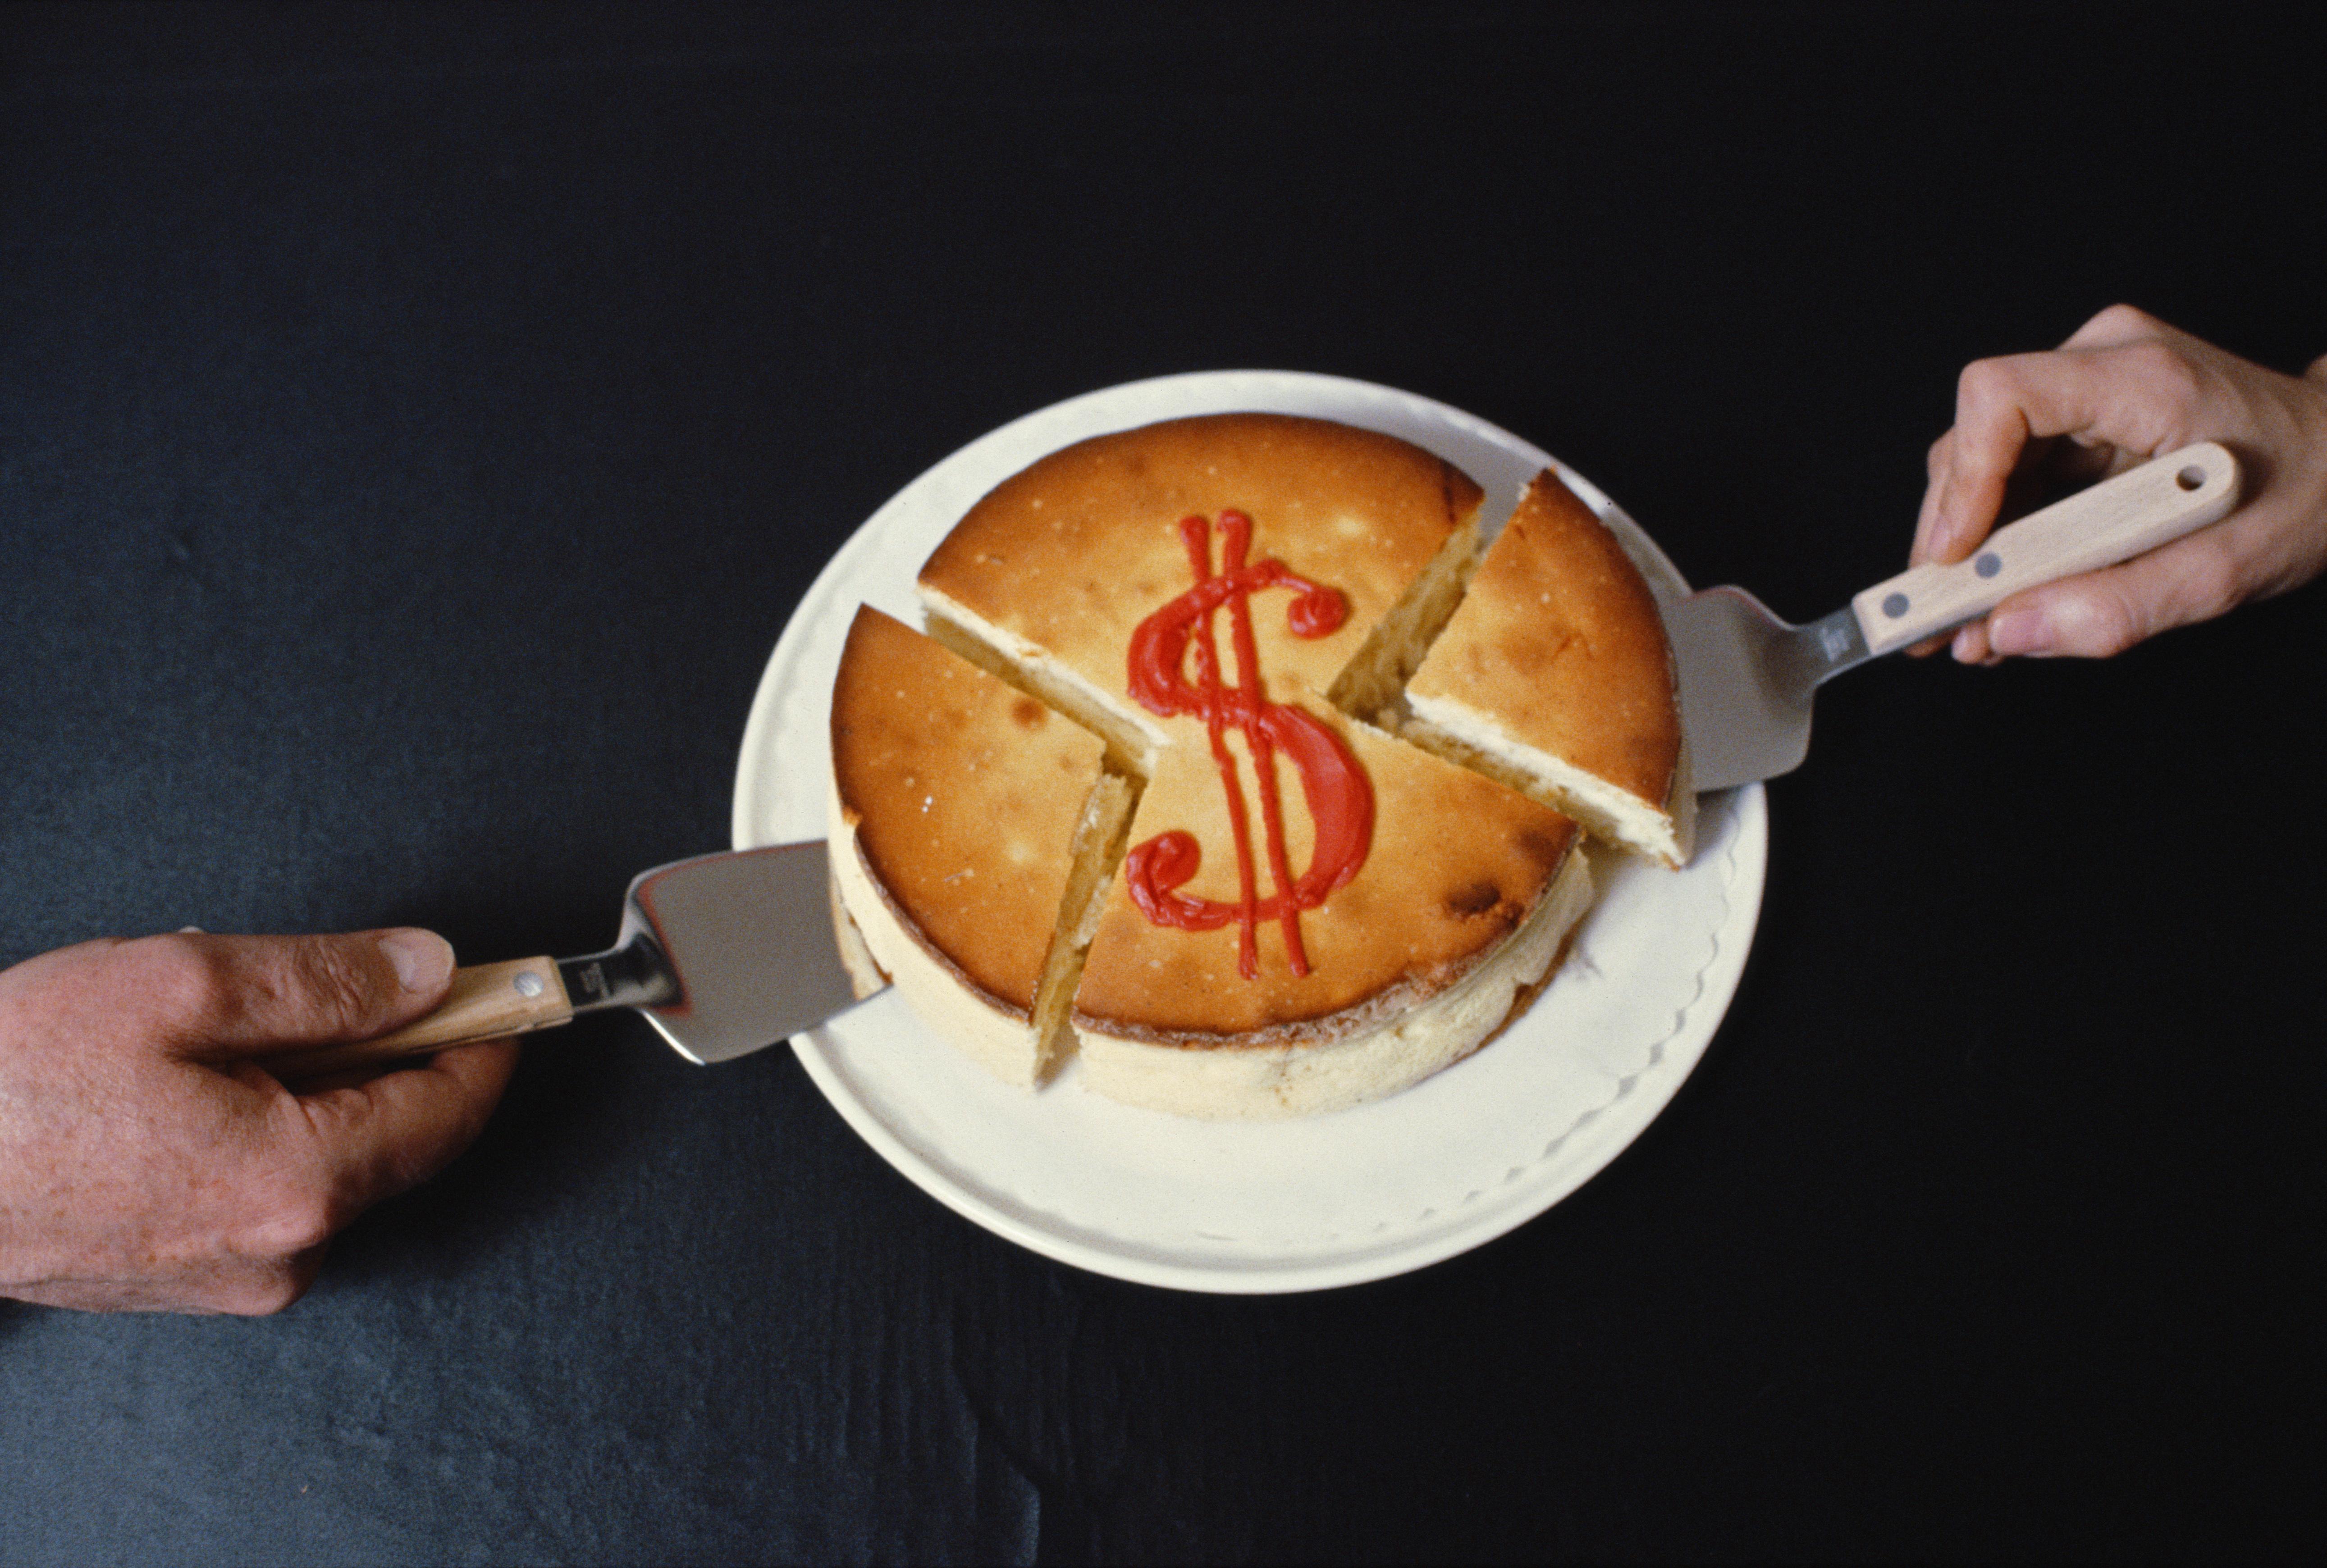 Dollar Cake